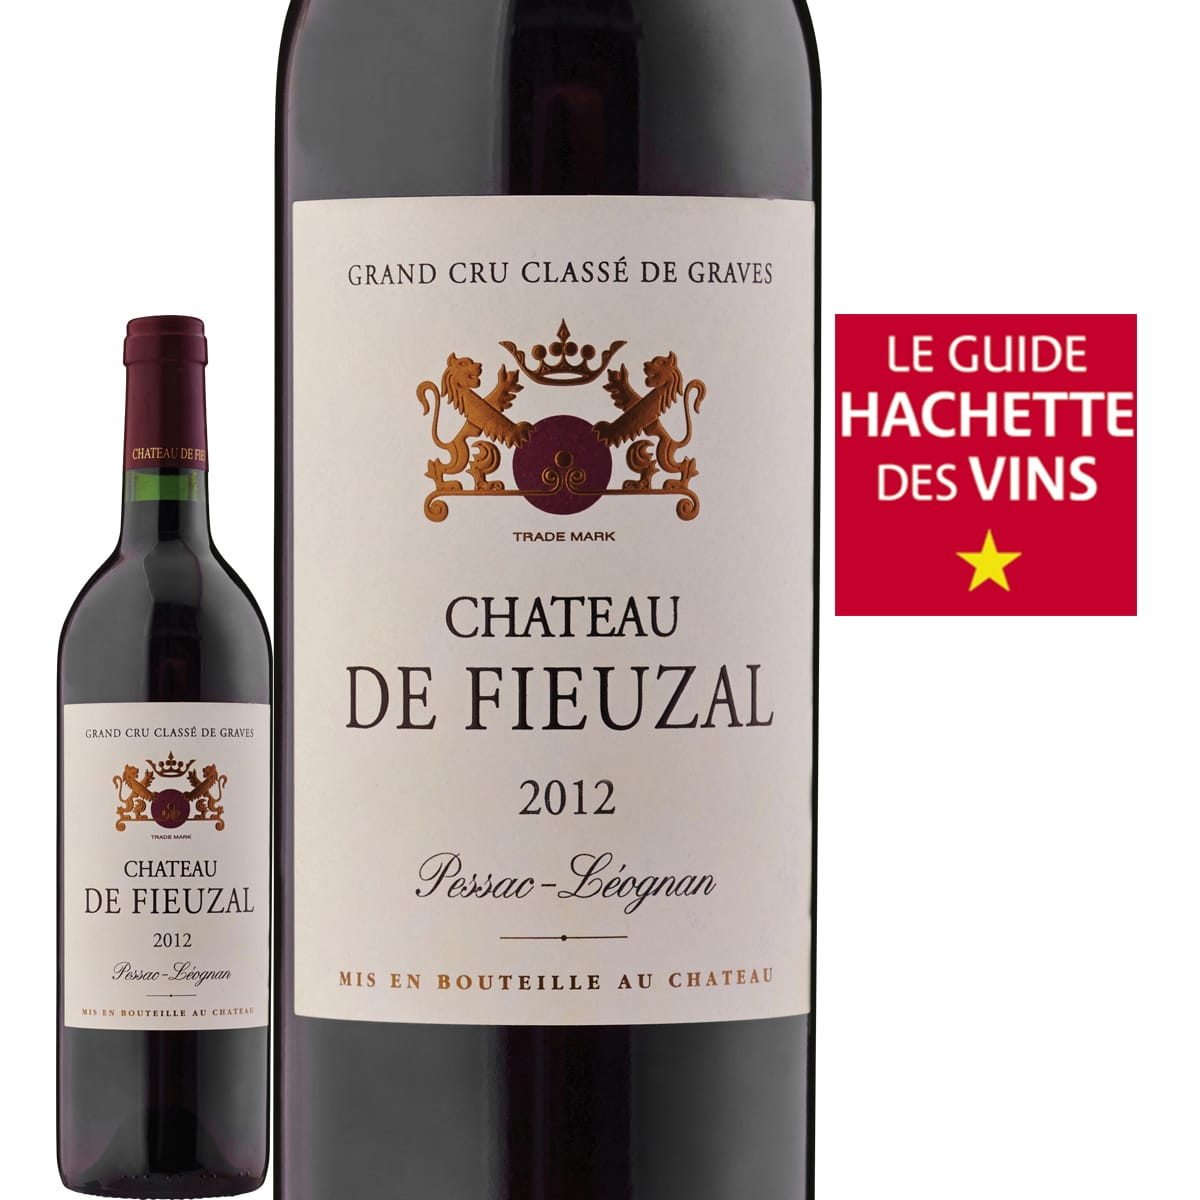 Vin Pessac Leognan, pour toutes les passionnées de vins